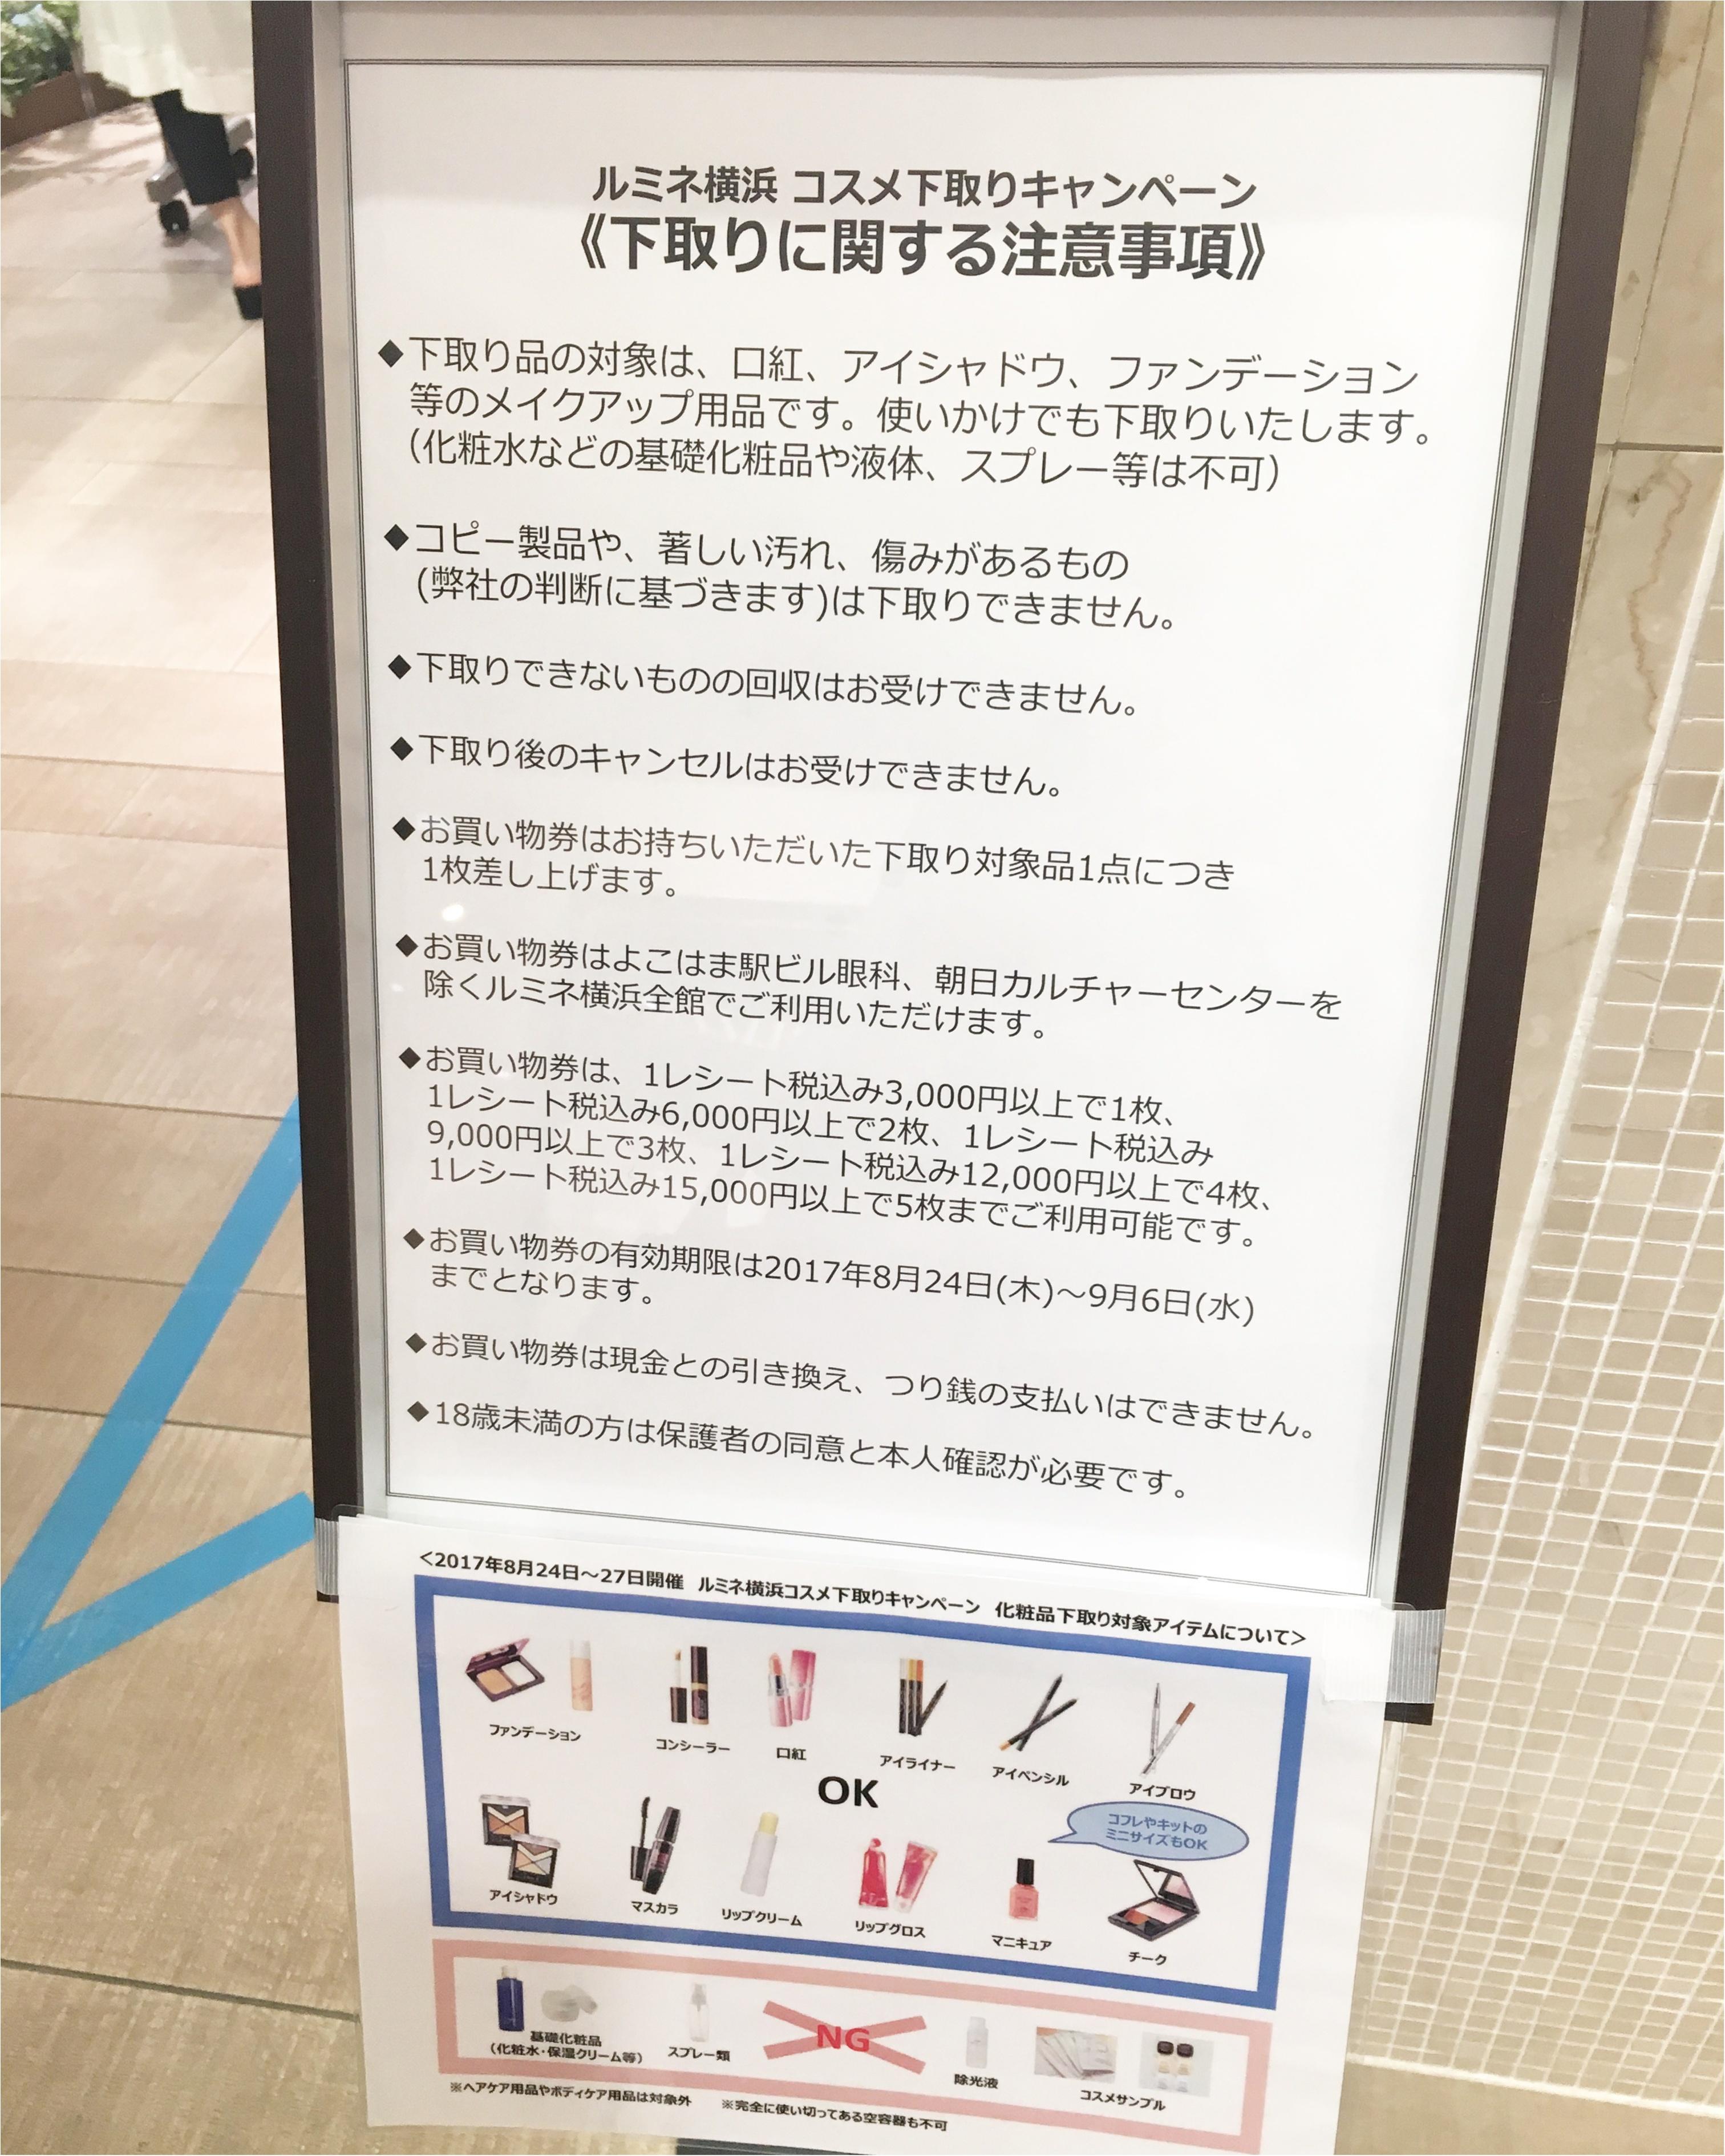 【8/27まで!】横浜ルミネ「コスメ下取り」でエコにお得にお買い物!_4